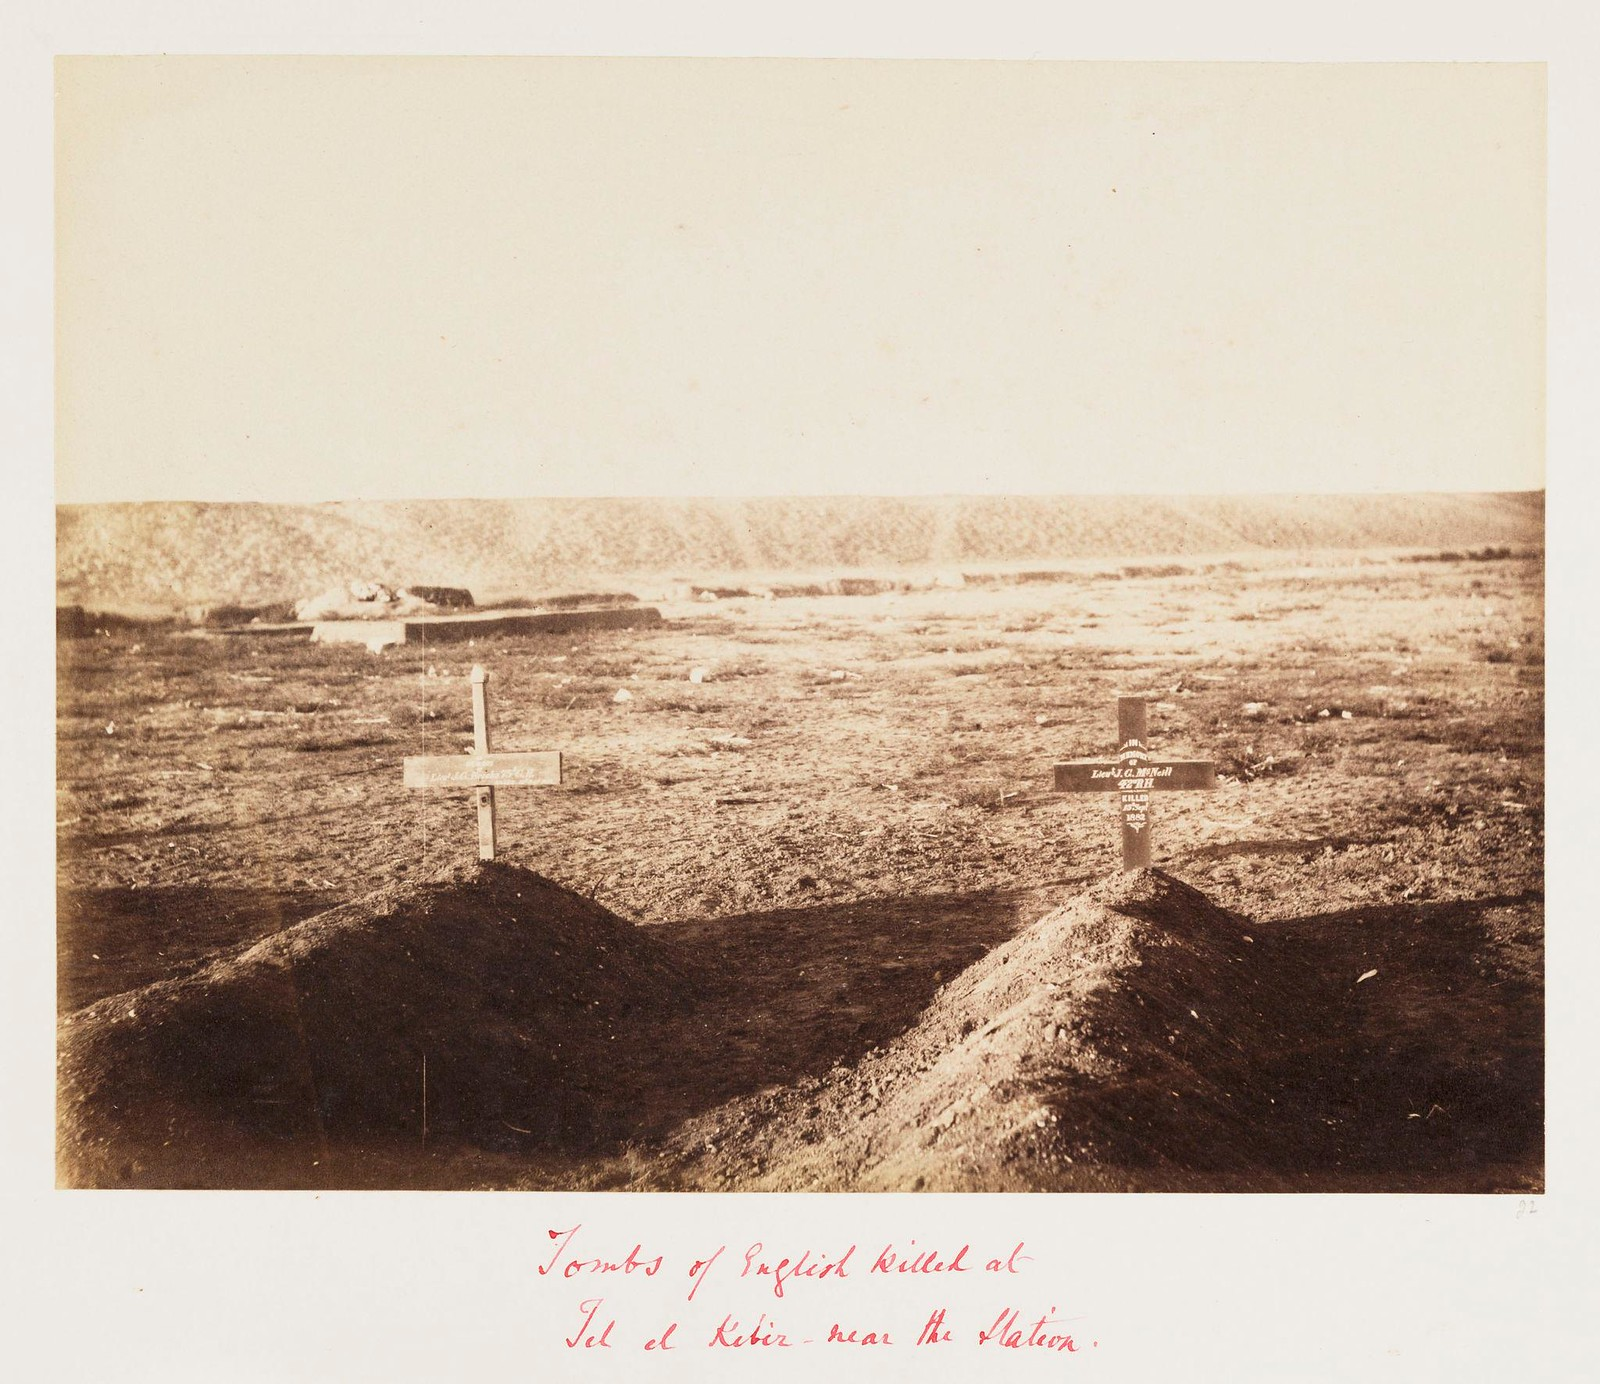 14. Могилы британских солдат возле станции в Тель-эль-Кебире, убитых во время сражения.  6 декабря